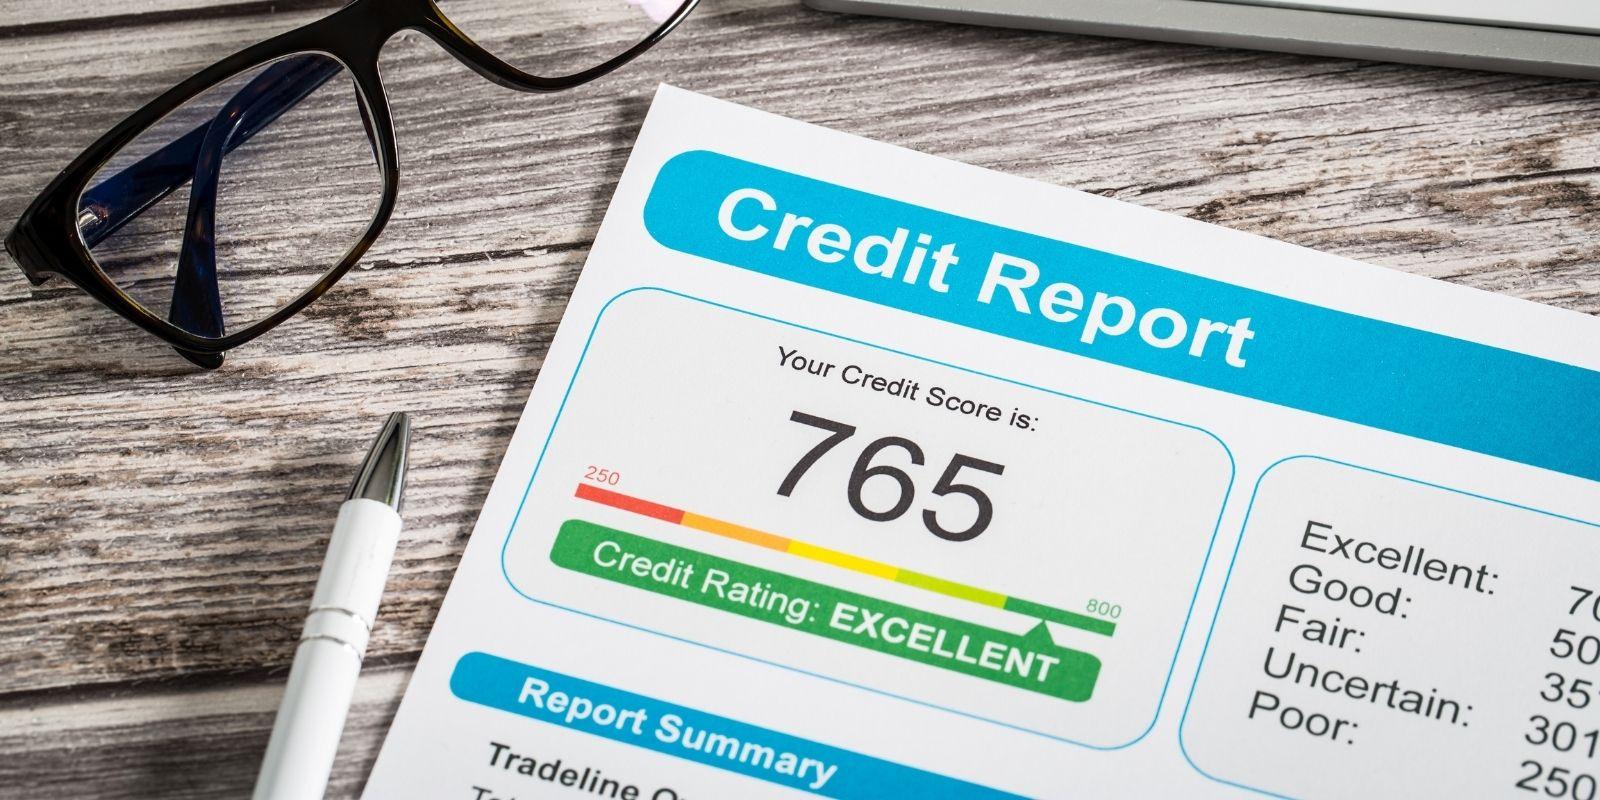 4. Check Credit History